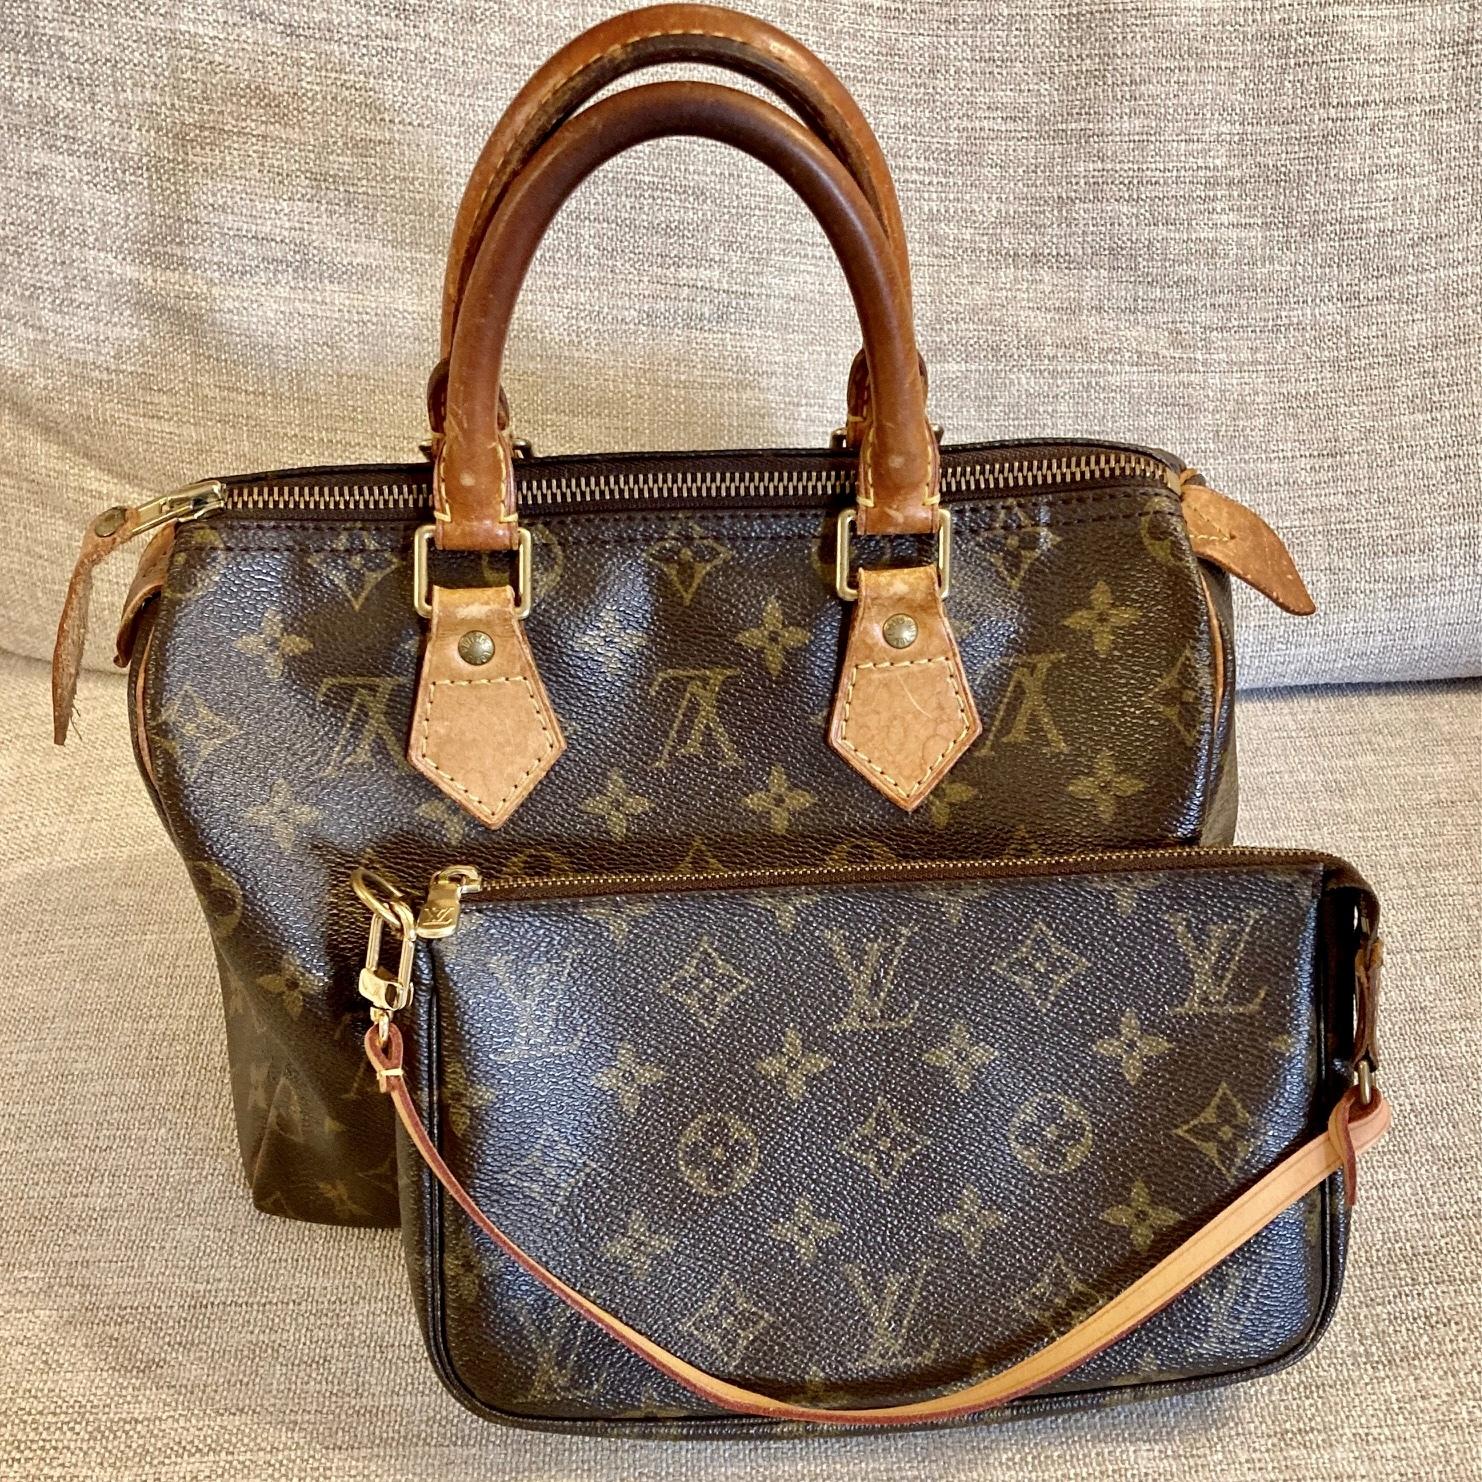 ルイヴィトンのバッグ。スピーディーとアクセサリーポーチ。